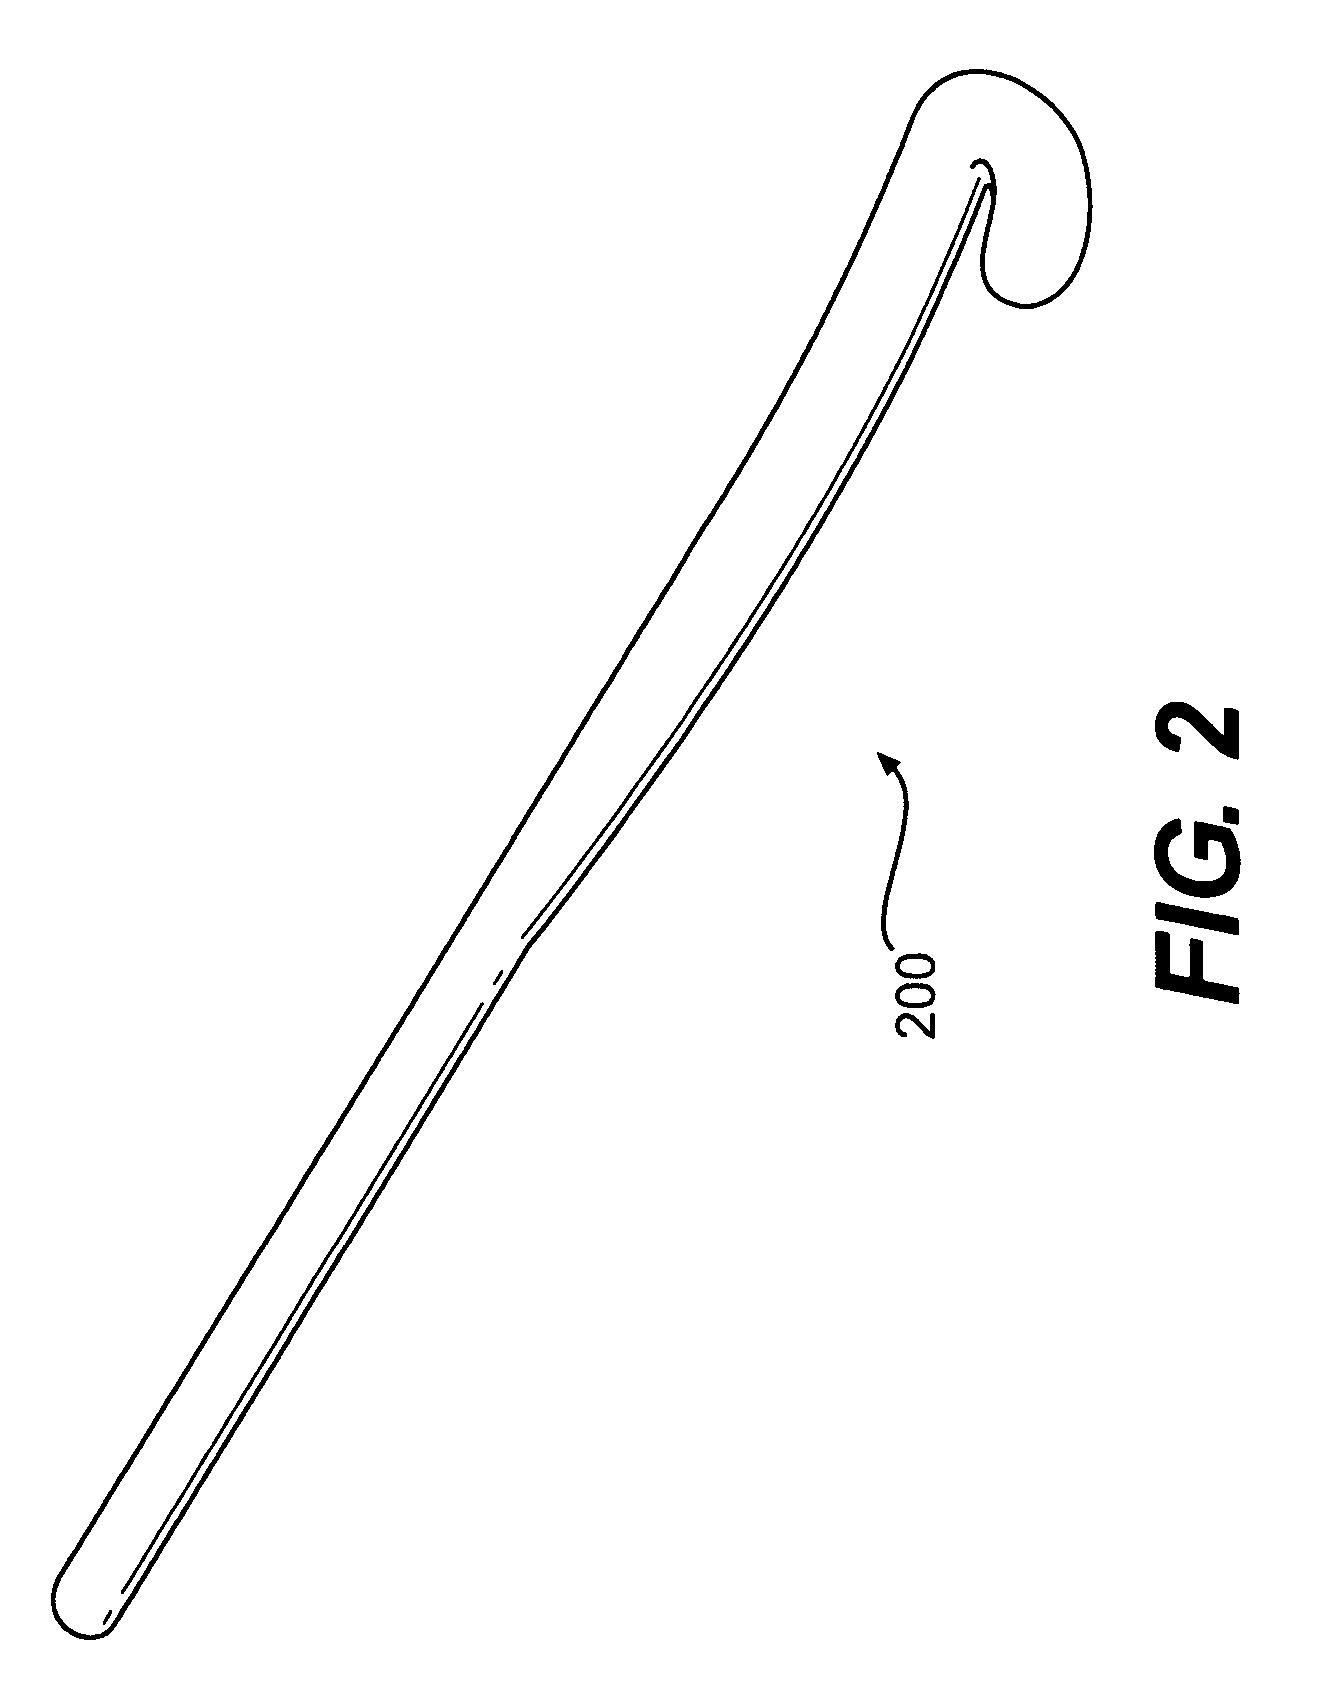 patent us7377865 bowed field hockey stick google patents